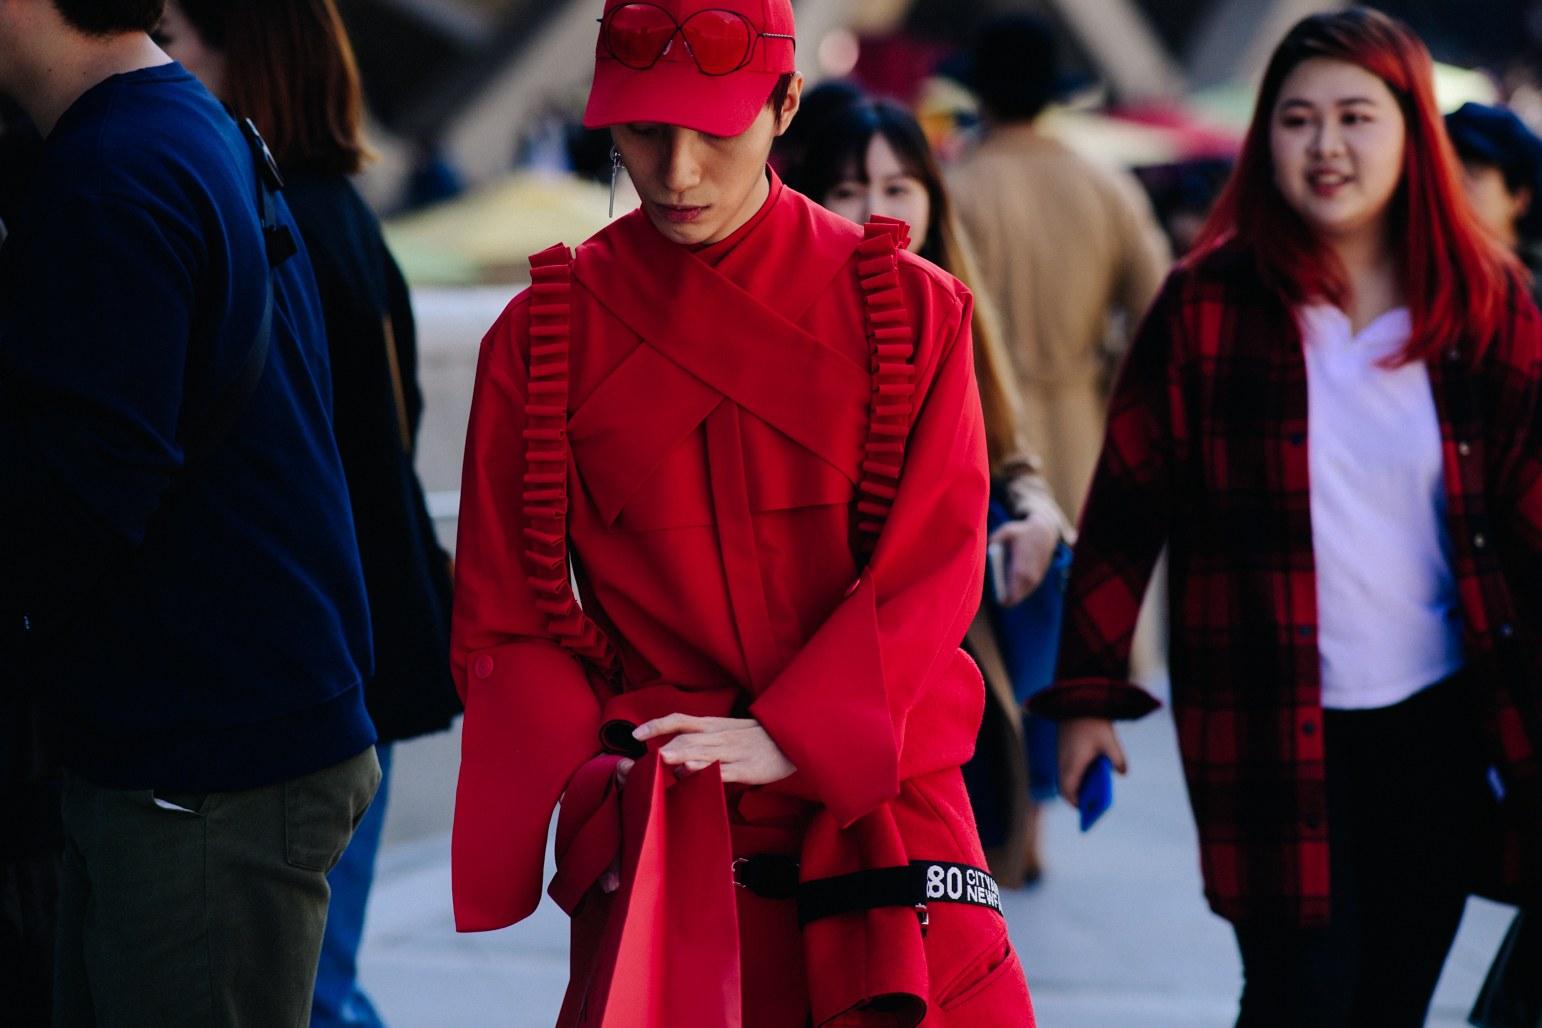 Cac street style look tuyet dep tai Seoul Fashion Week Xuan He 2018 7